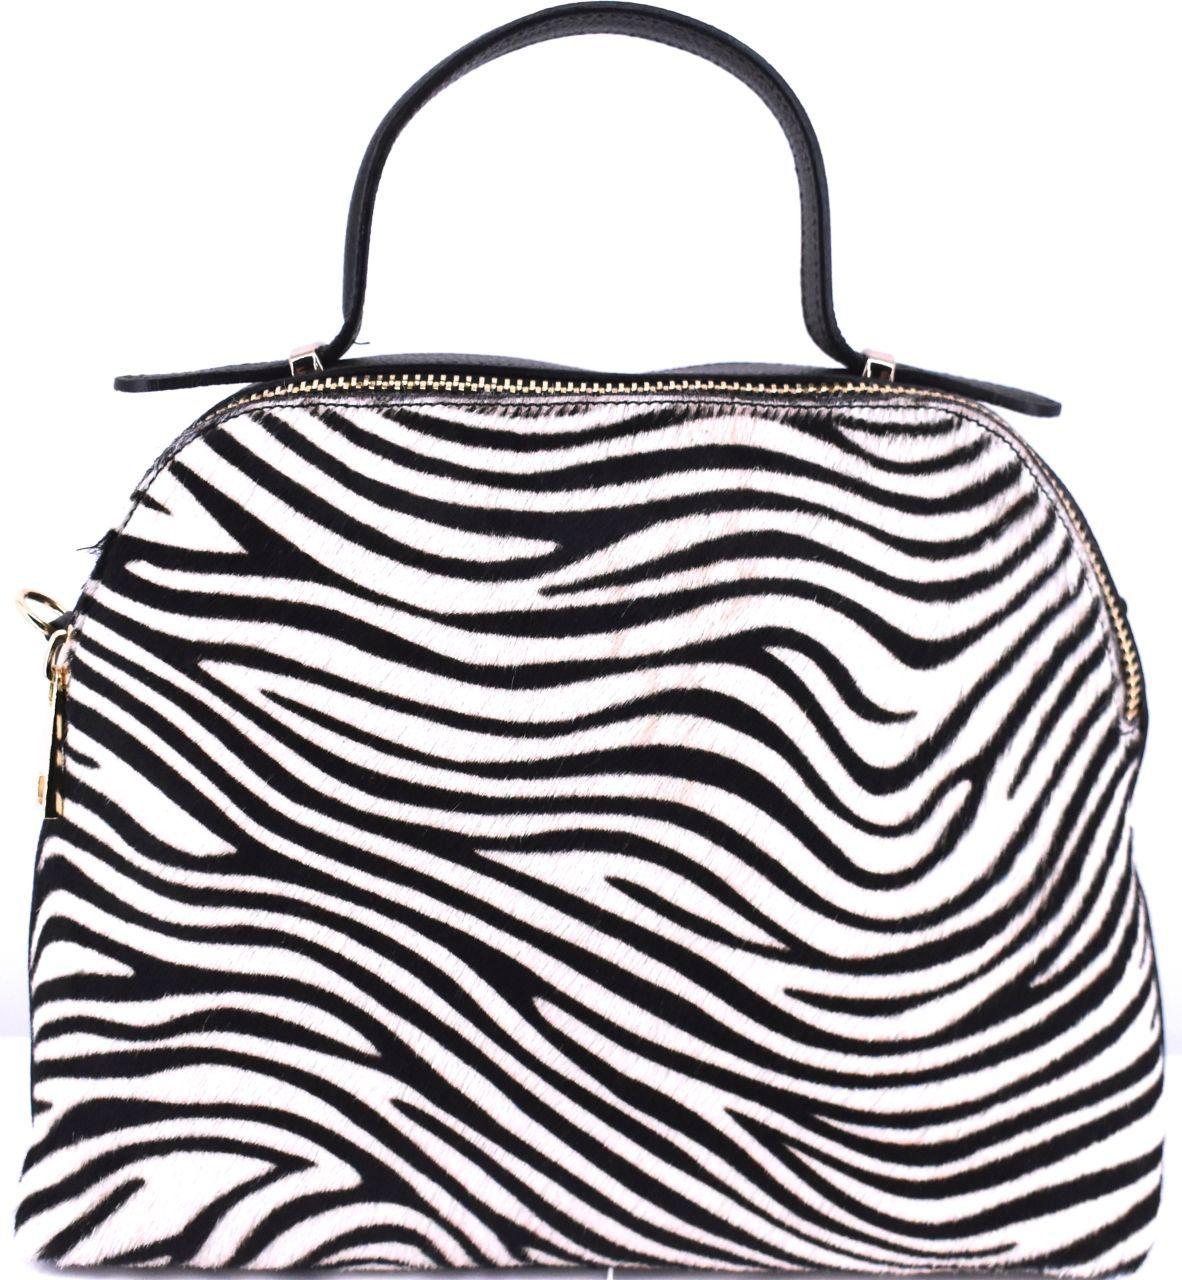 Luxusní dámská kožená kabelka Shopper (zebra) - černá/bílá 28886